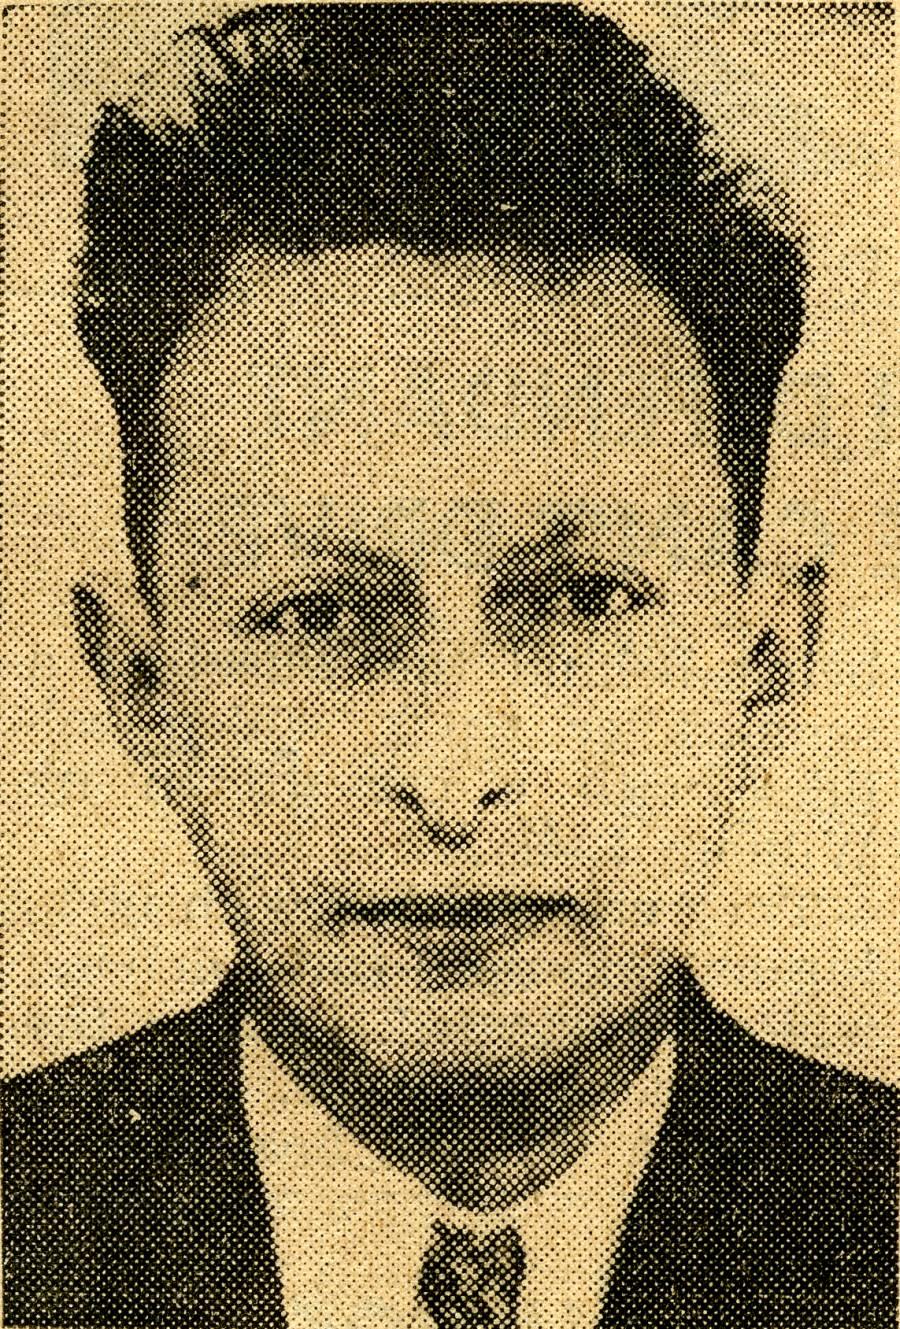 Sidney Weinbaum.